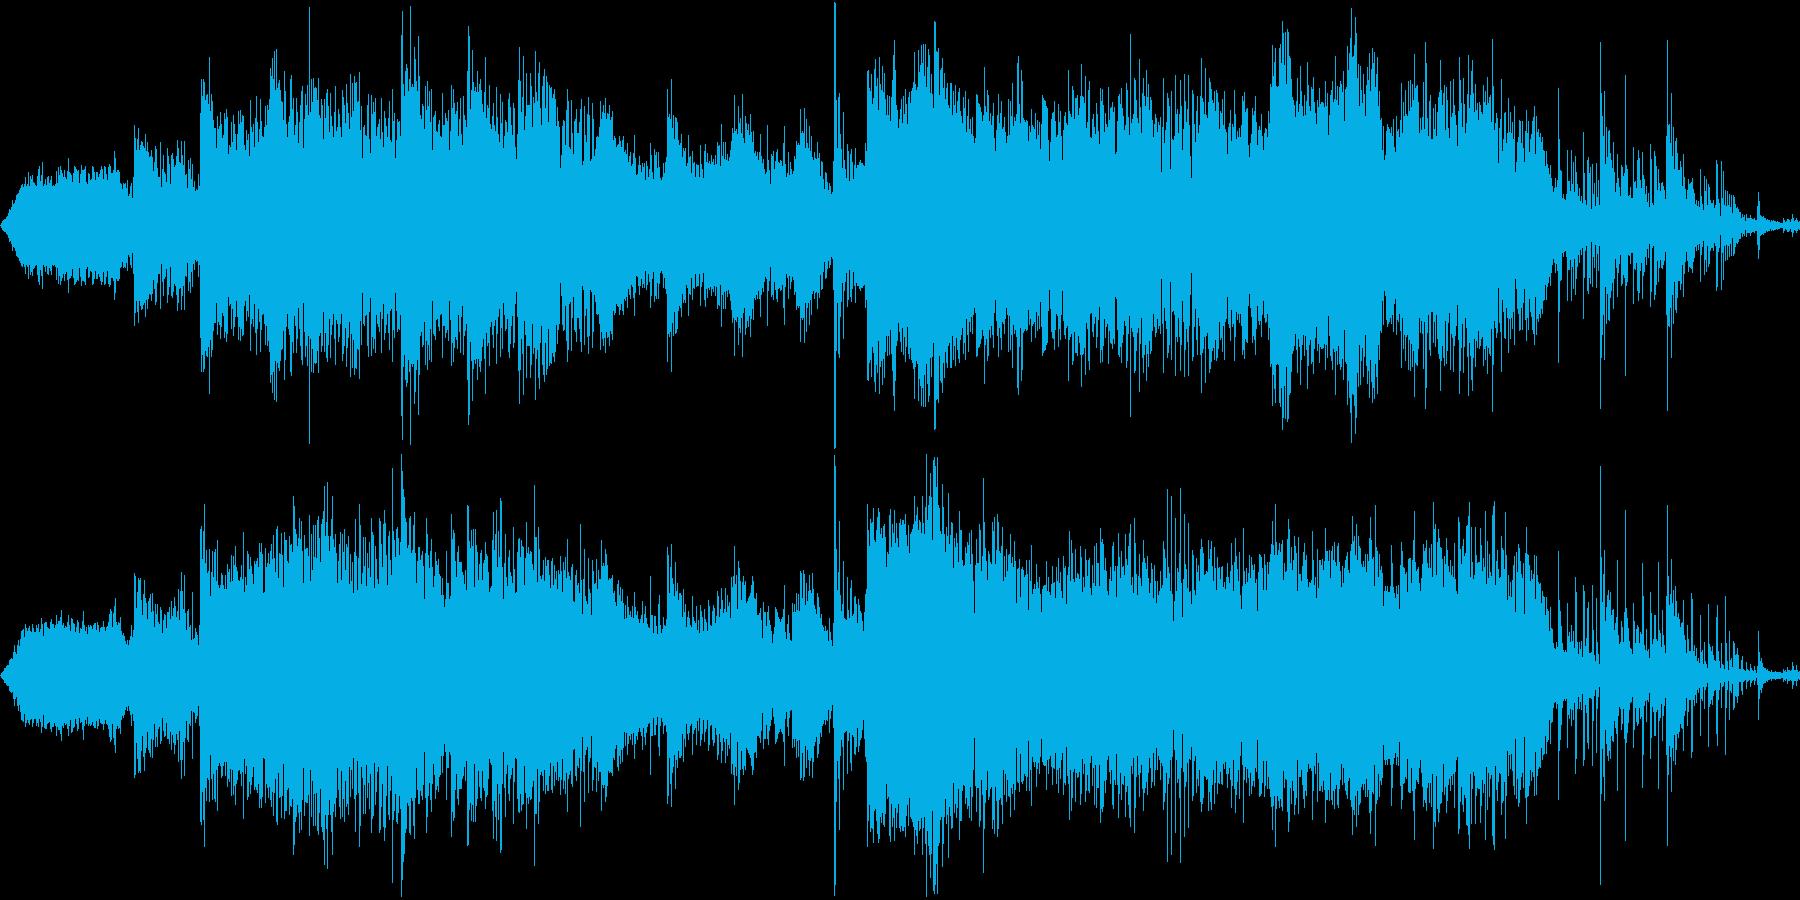 勇壮な戦闘BGM用オーケストラの再生済みの波形